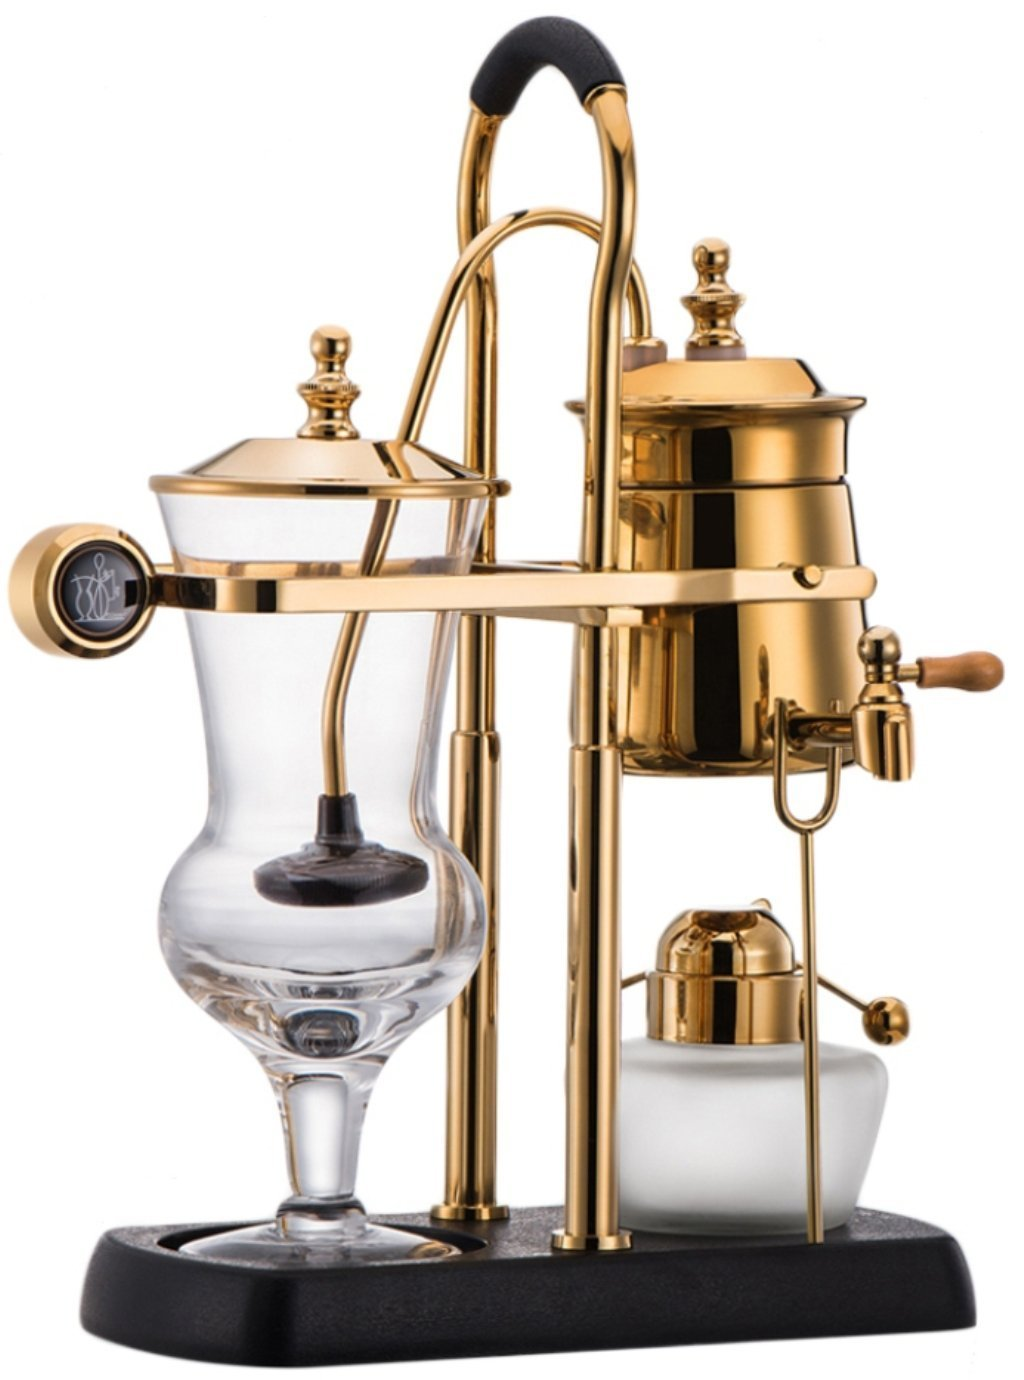 帝国 高級ベルギーコーヒーメーカー(ゴールド)   B00M5YHXMW